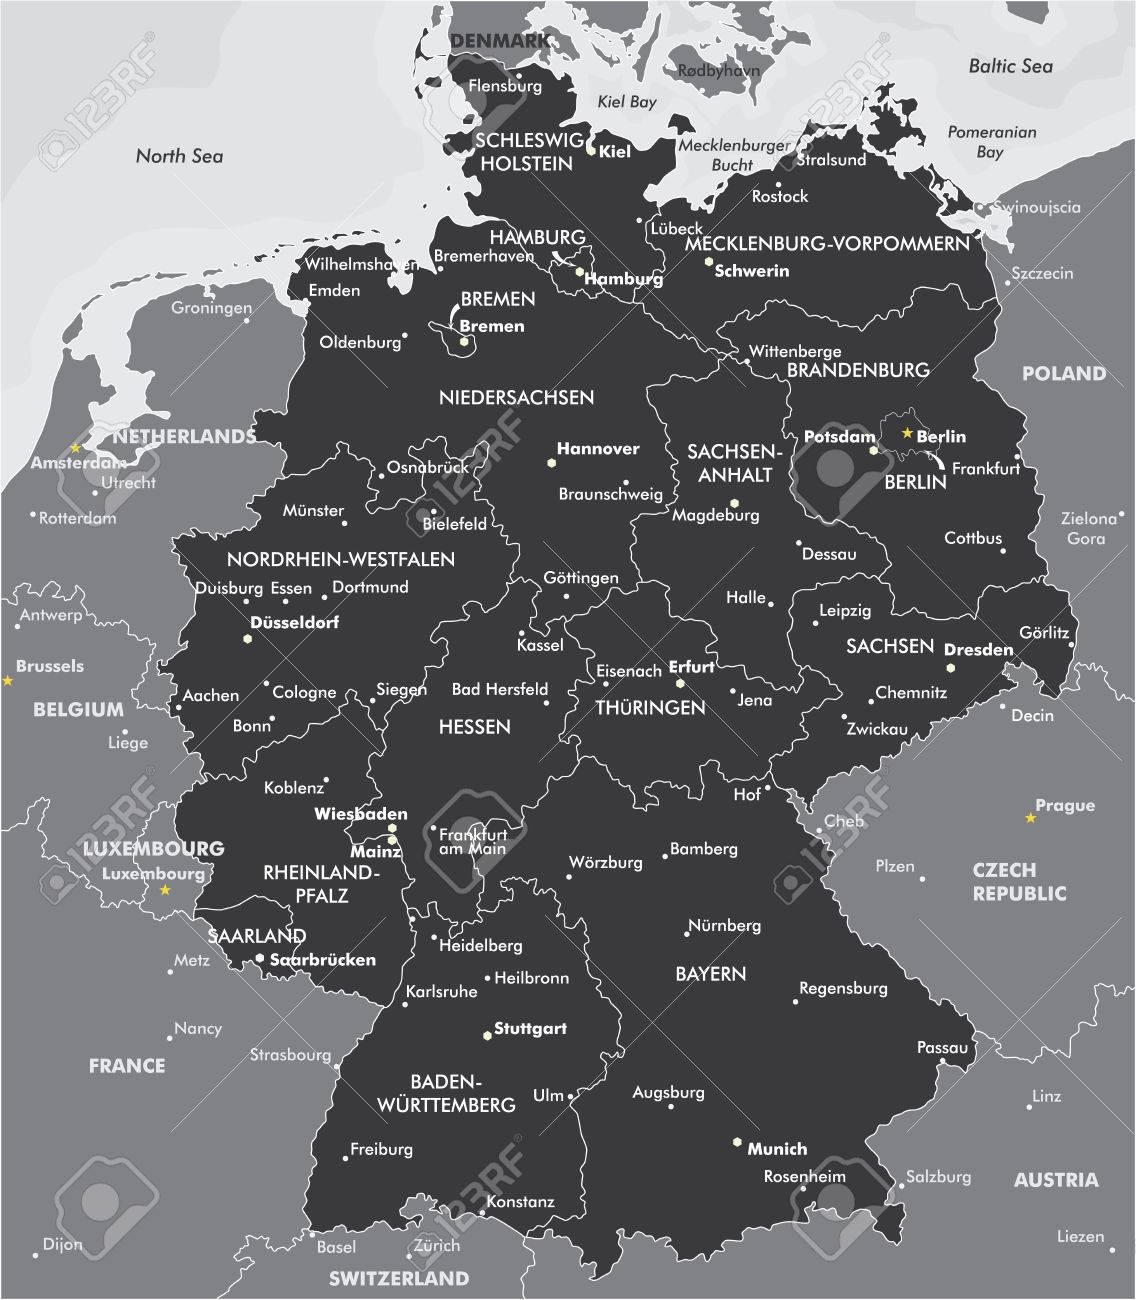 landkarte deutschland schwarz weiß Schwarz Weiß Karte Von Deutschland Lizenzfrei Nutzbare